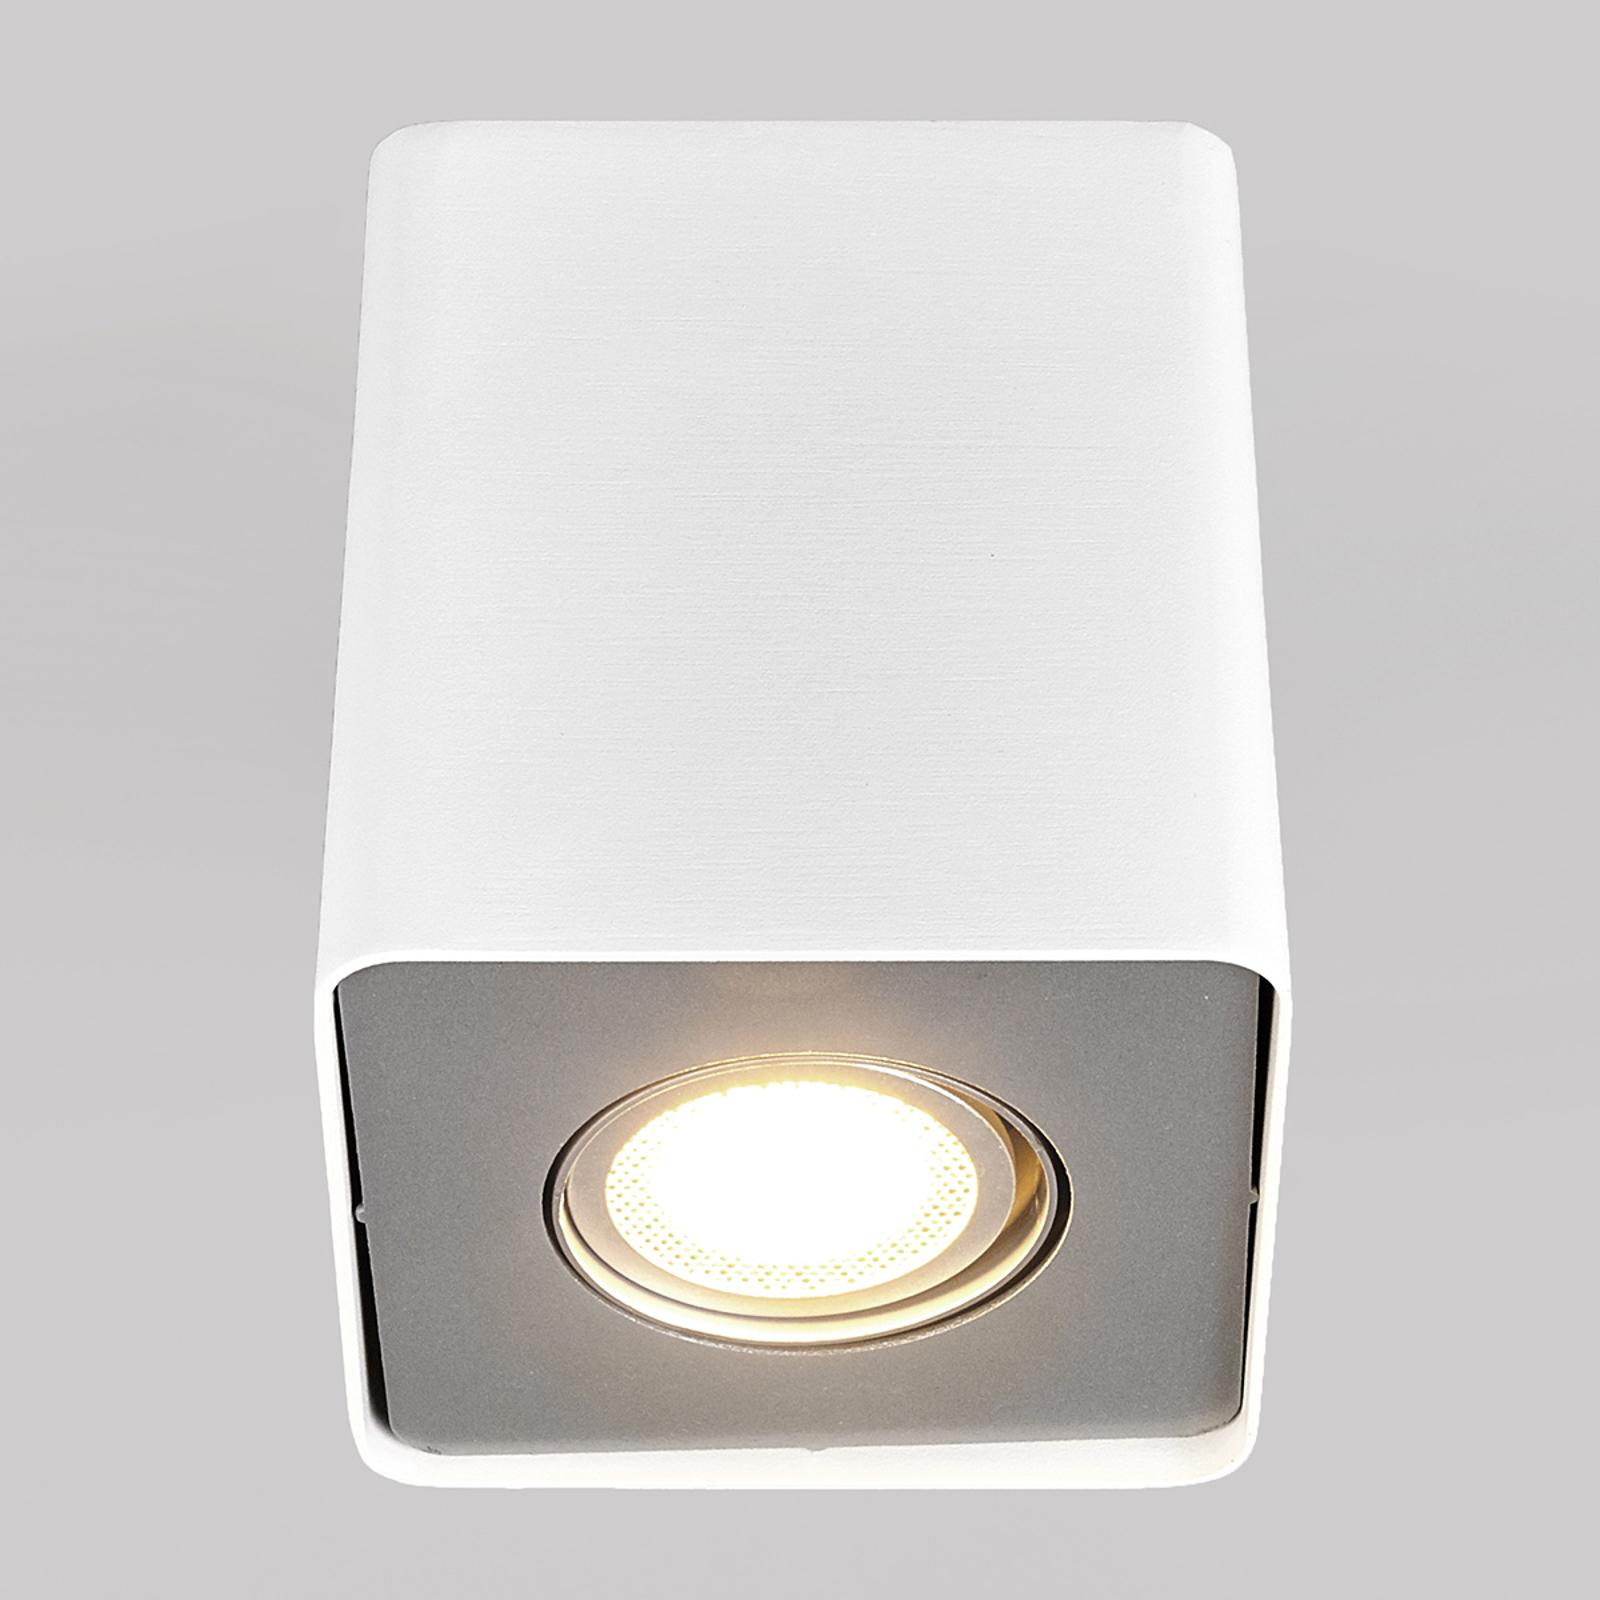 Downlight LED GU10 Giliano, 1-pkt. kątowy biały